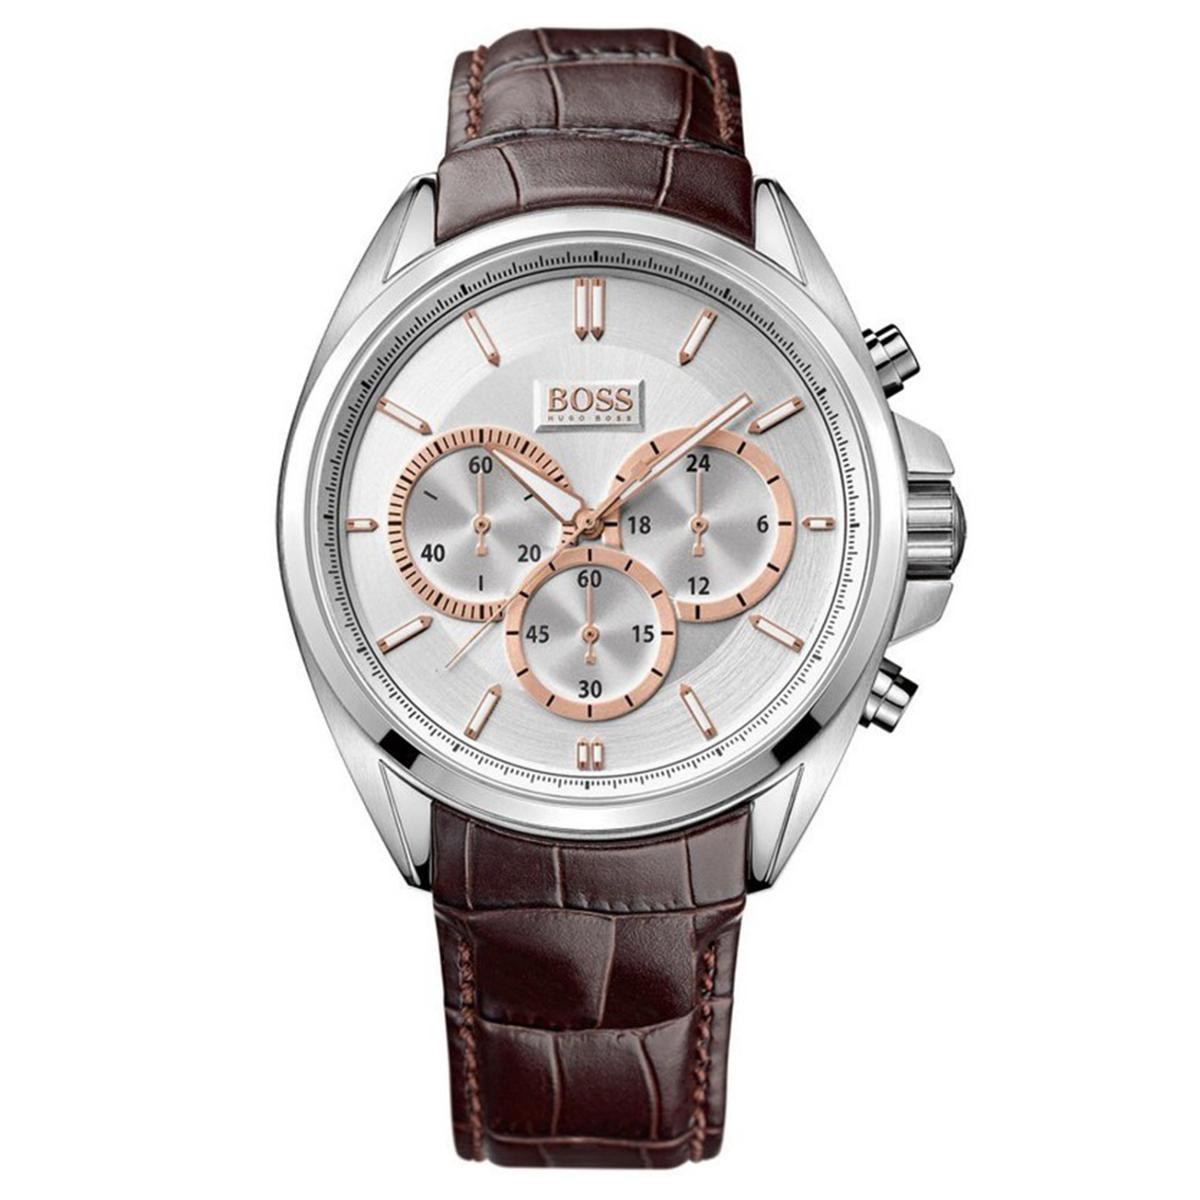 【残り1点】HUGOBOSS ヒューゴボス クォーツ 腕時計 メンズ ウォッチ ブランド [1512881] 並行輸入品 メーカー保証24ヵ月 純正ケース付き